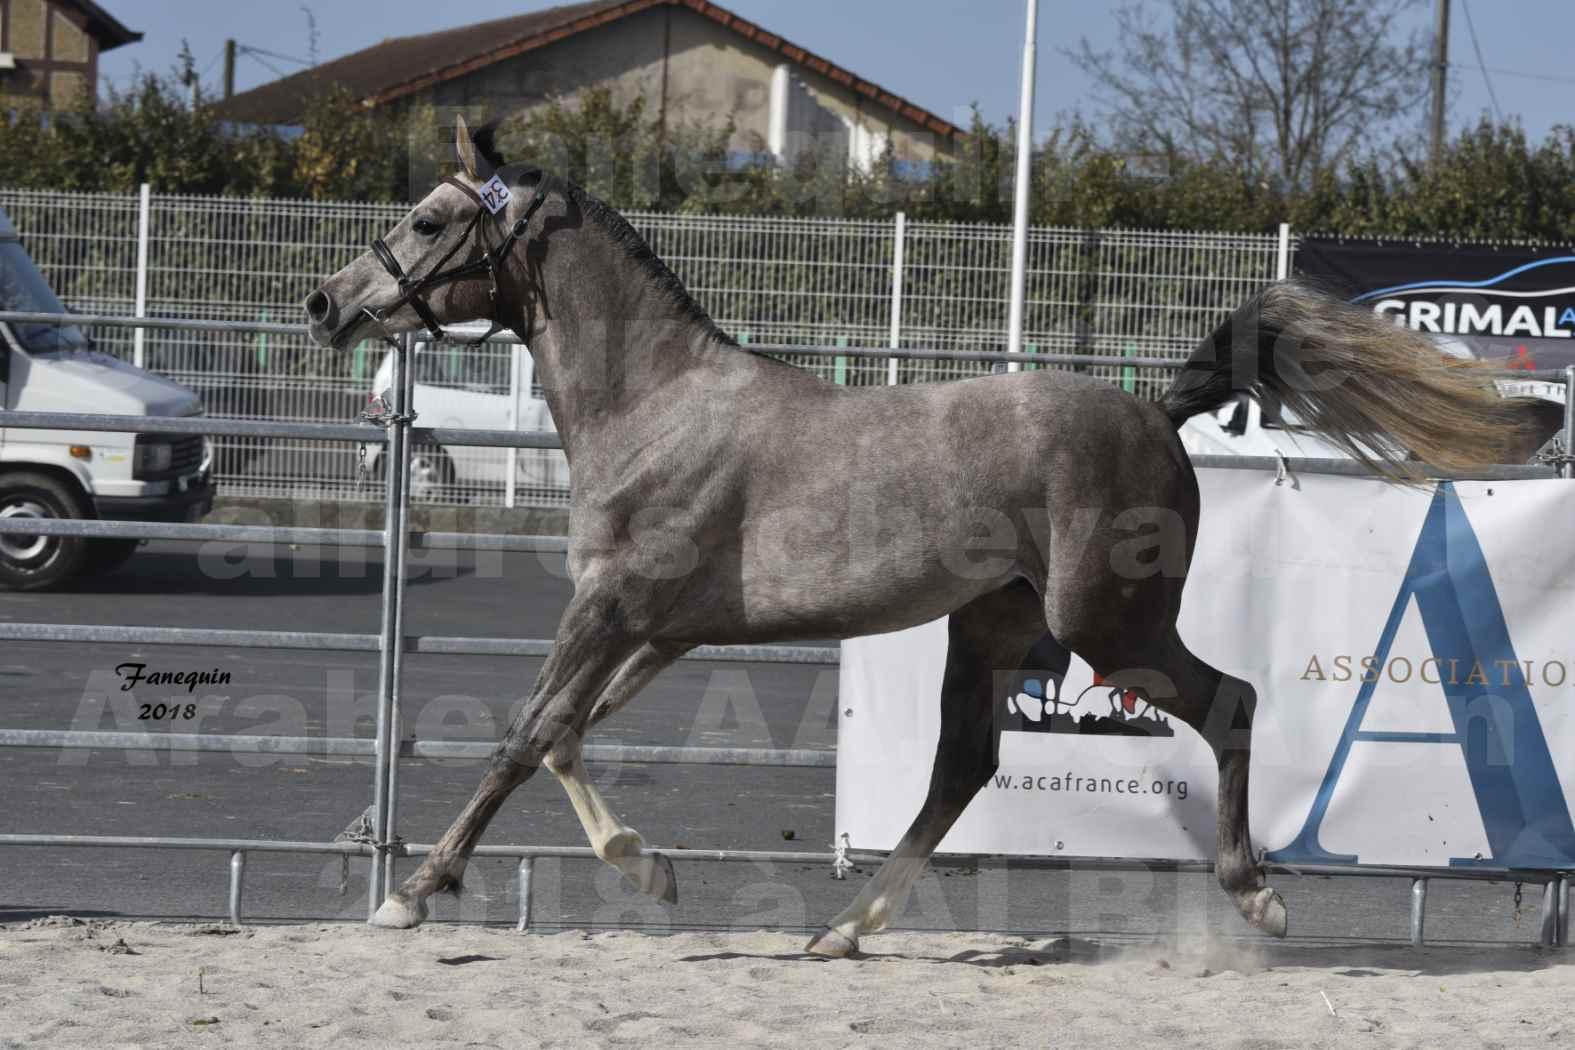 Concours d'élevage de Chevaux Arabes - D. S. A. - A. A. - ALBI les 6 & 7 Avril 2018 - GRIMM DE DARRA - Notre Sélection - 7